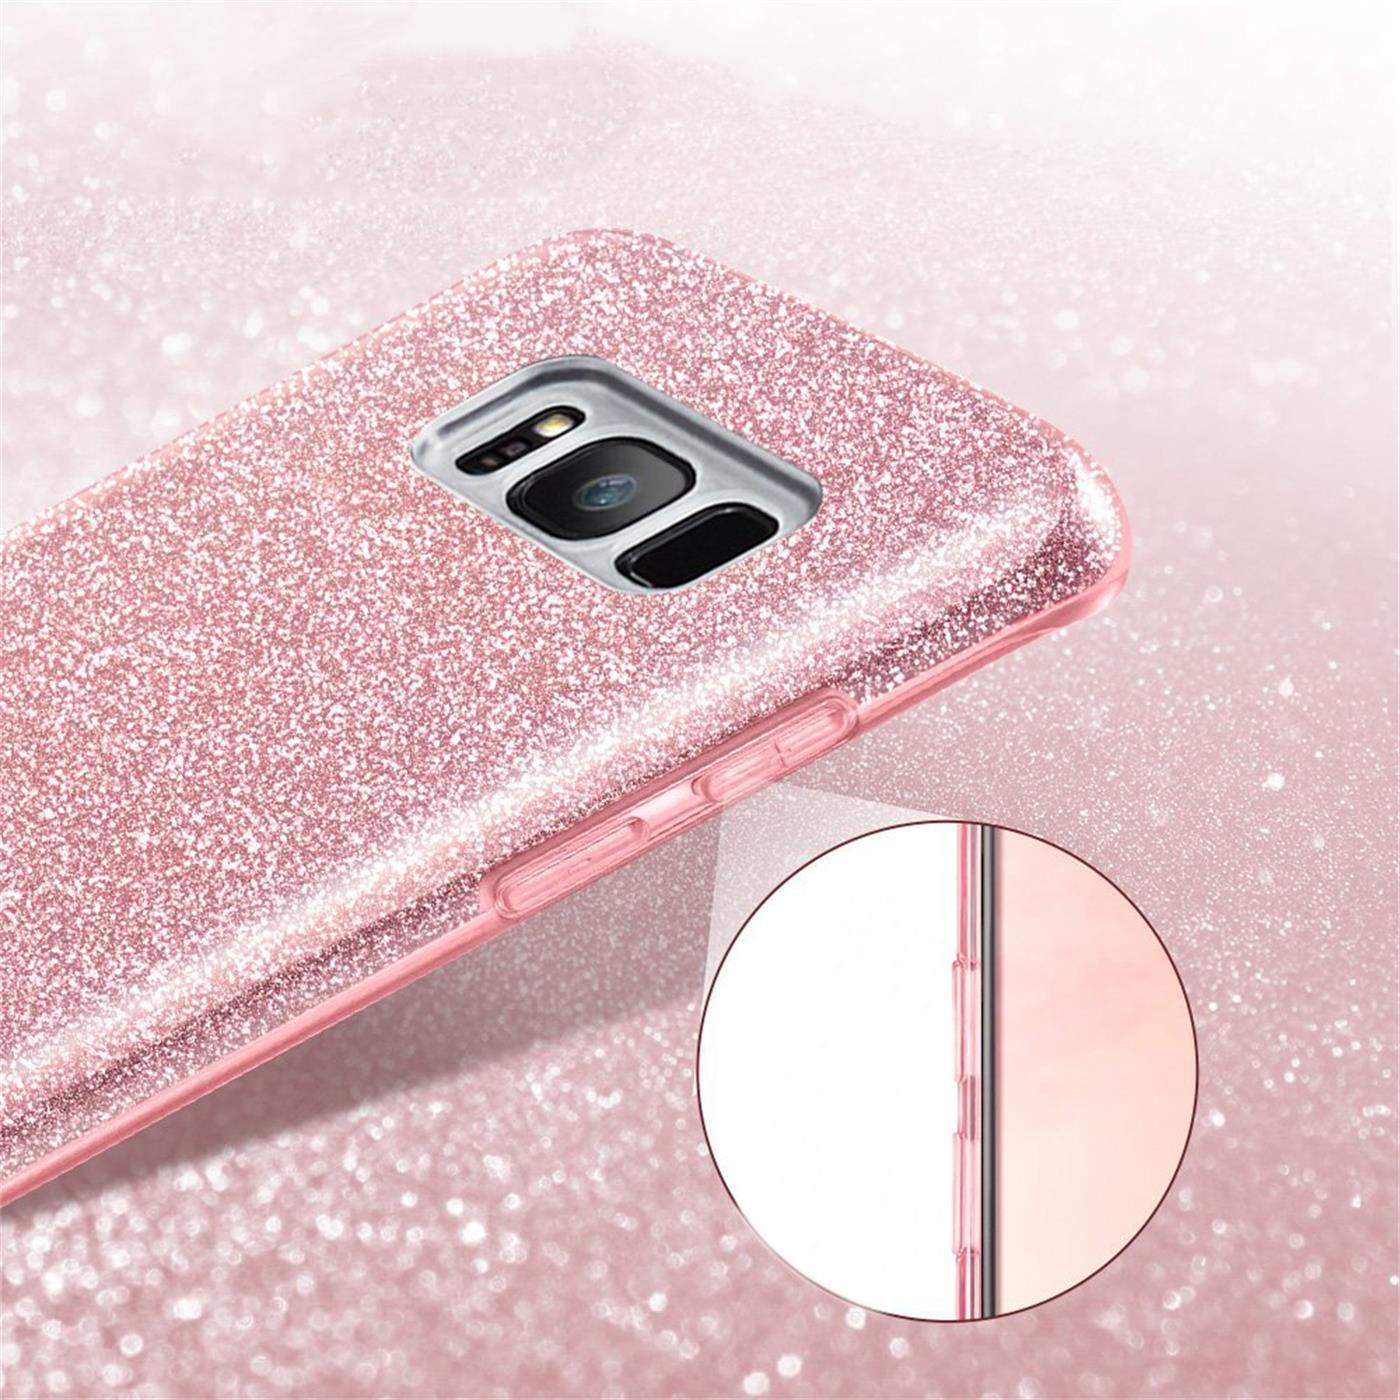 Handy-Glitzer-Huelle-fuer-Samsung-Galaxy-Slim-TPU-Cover-Case-Silikon-Schutz-Tasche Indexbild 16